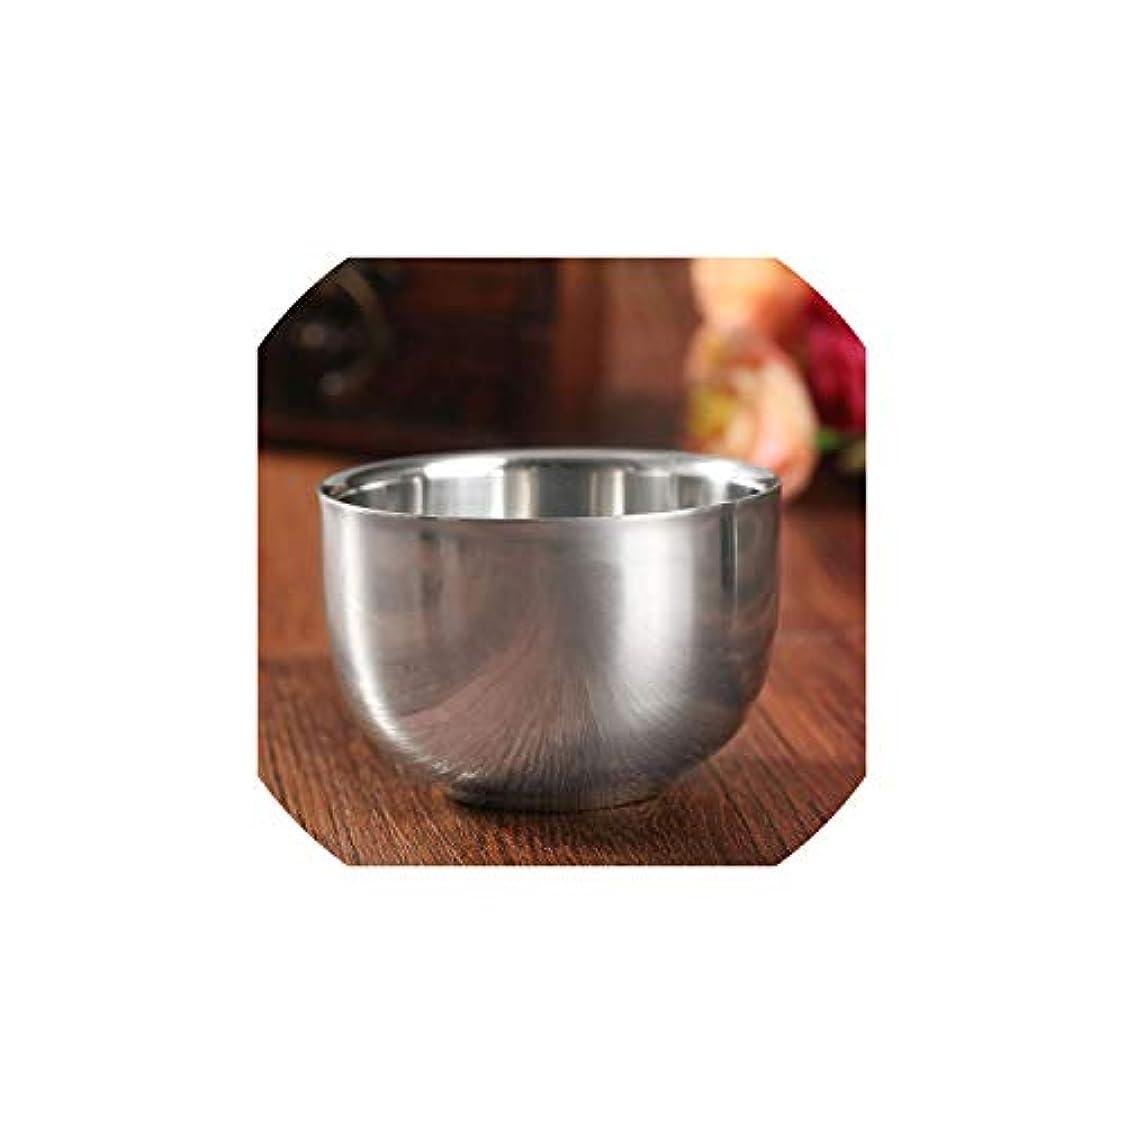 関係する敬意を表するまたはDream-catching 7.2cm ステンレススチール メタル メンズ シェービングマグ ボウルカップ シェービングマグ シェービングマグ メンズマグ ボウルカップ シェーブブラシ用